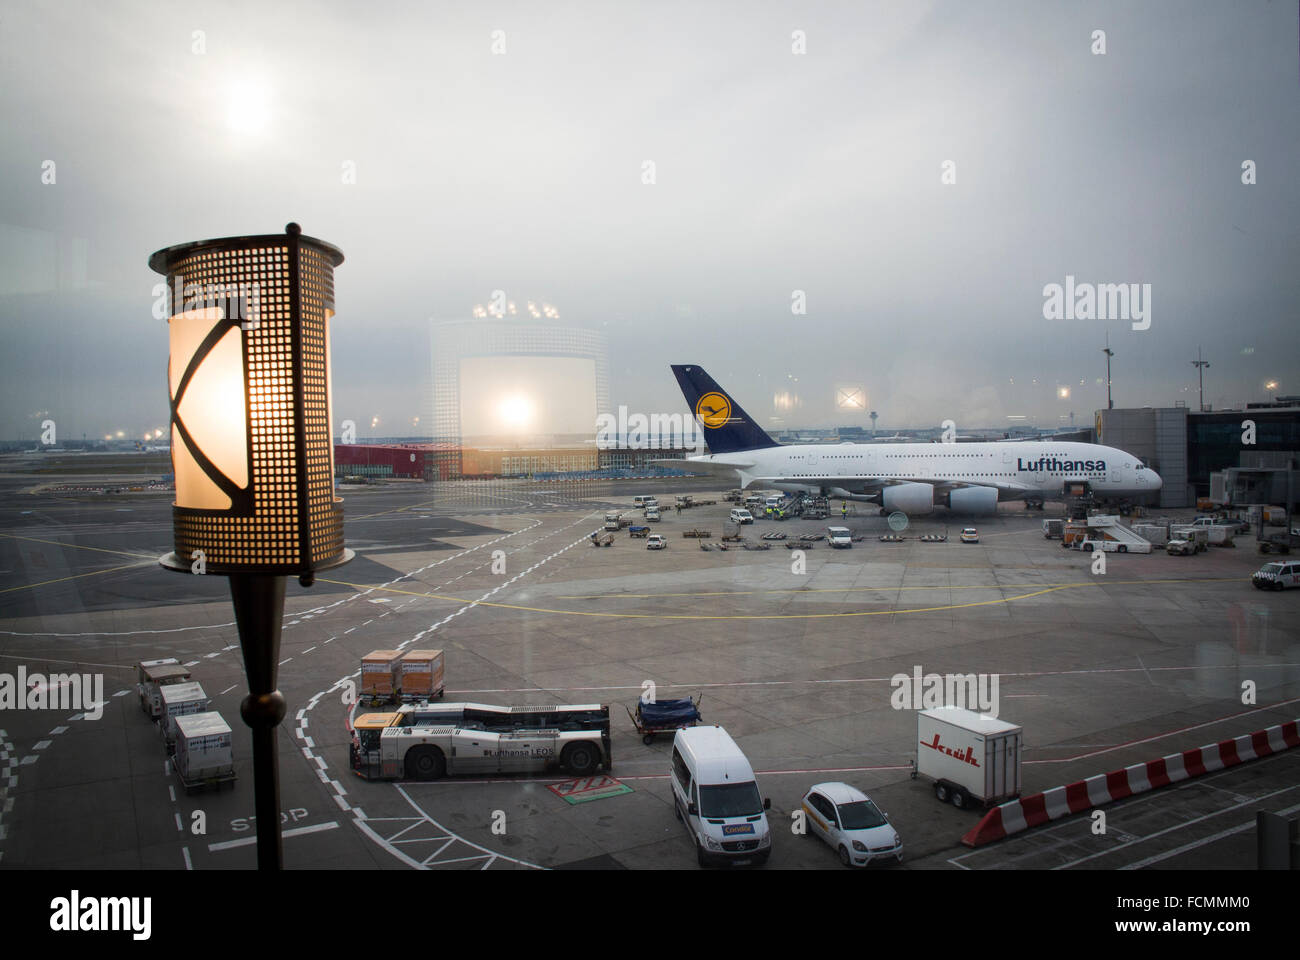 Vista desde la sala de embarque en el aeropuerto de Frankfurt, Alemania. Imagen De Stock